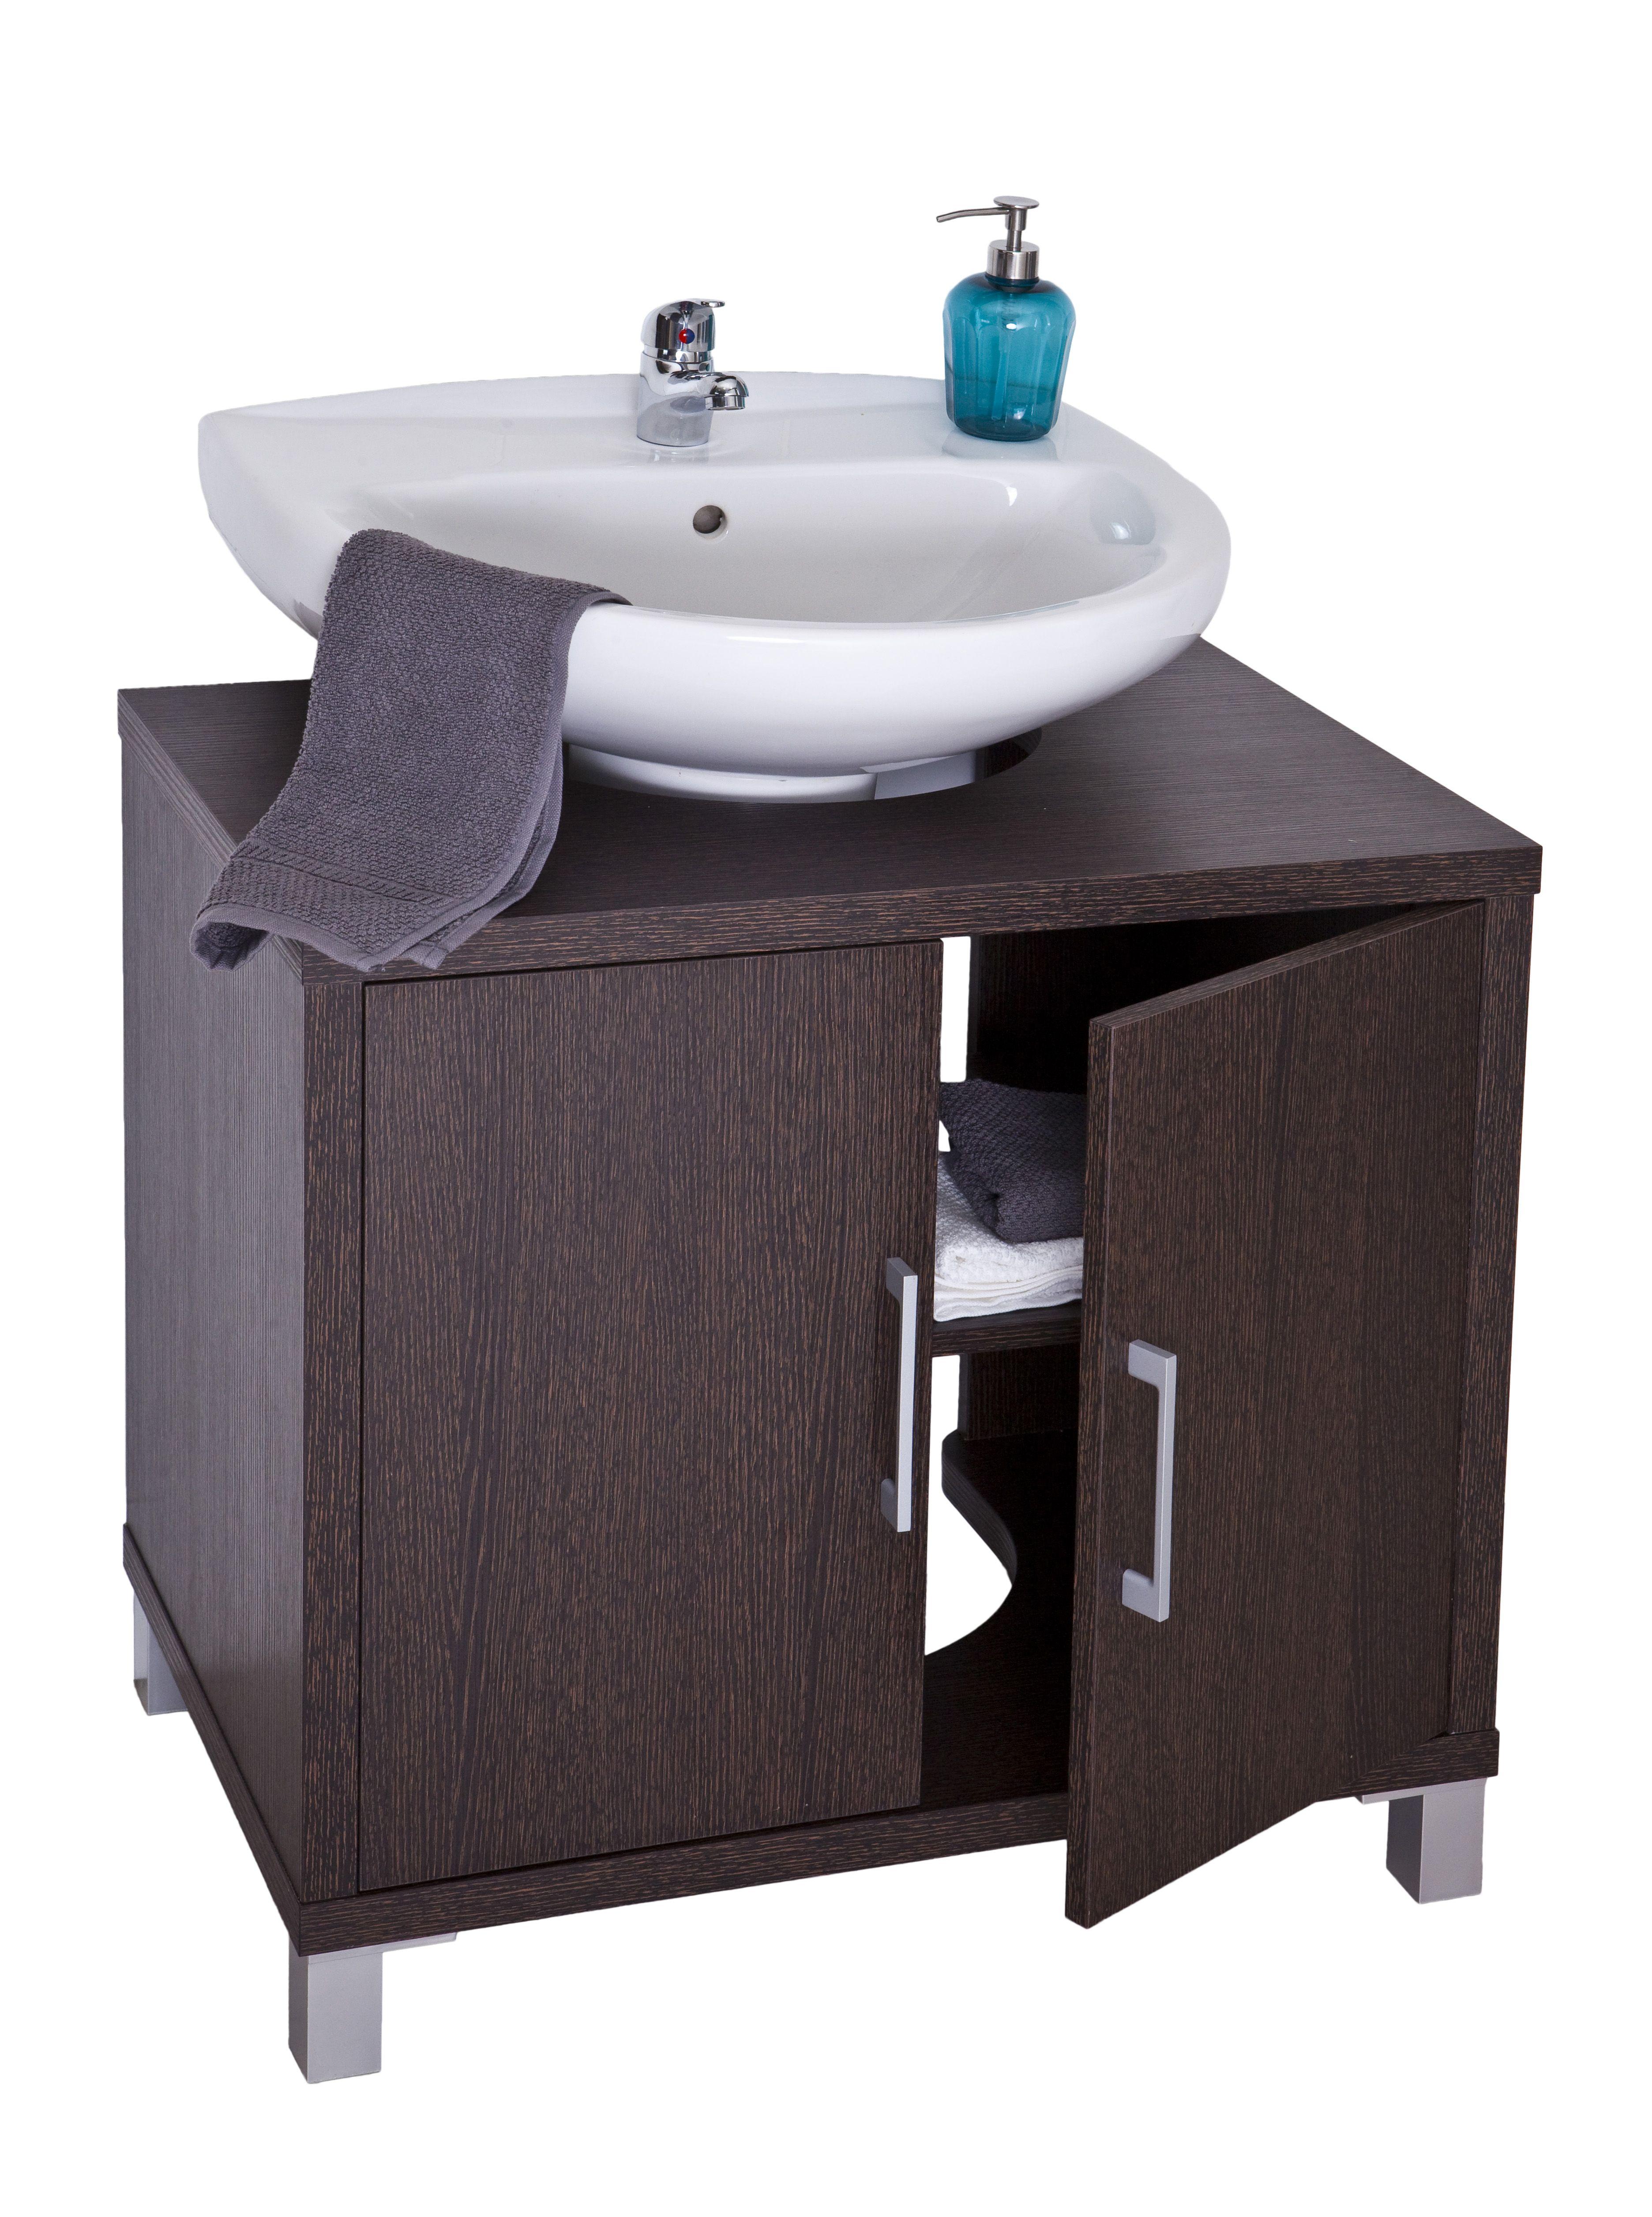 Muebles para el ba o en topkit topkit for Muebles para debajo del lavabo